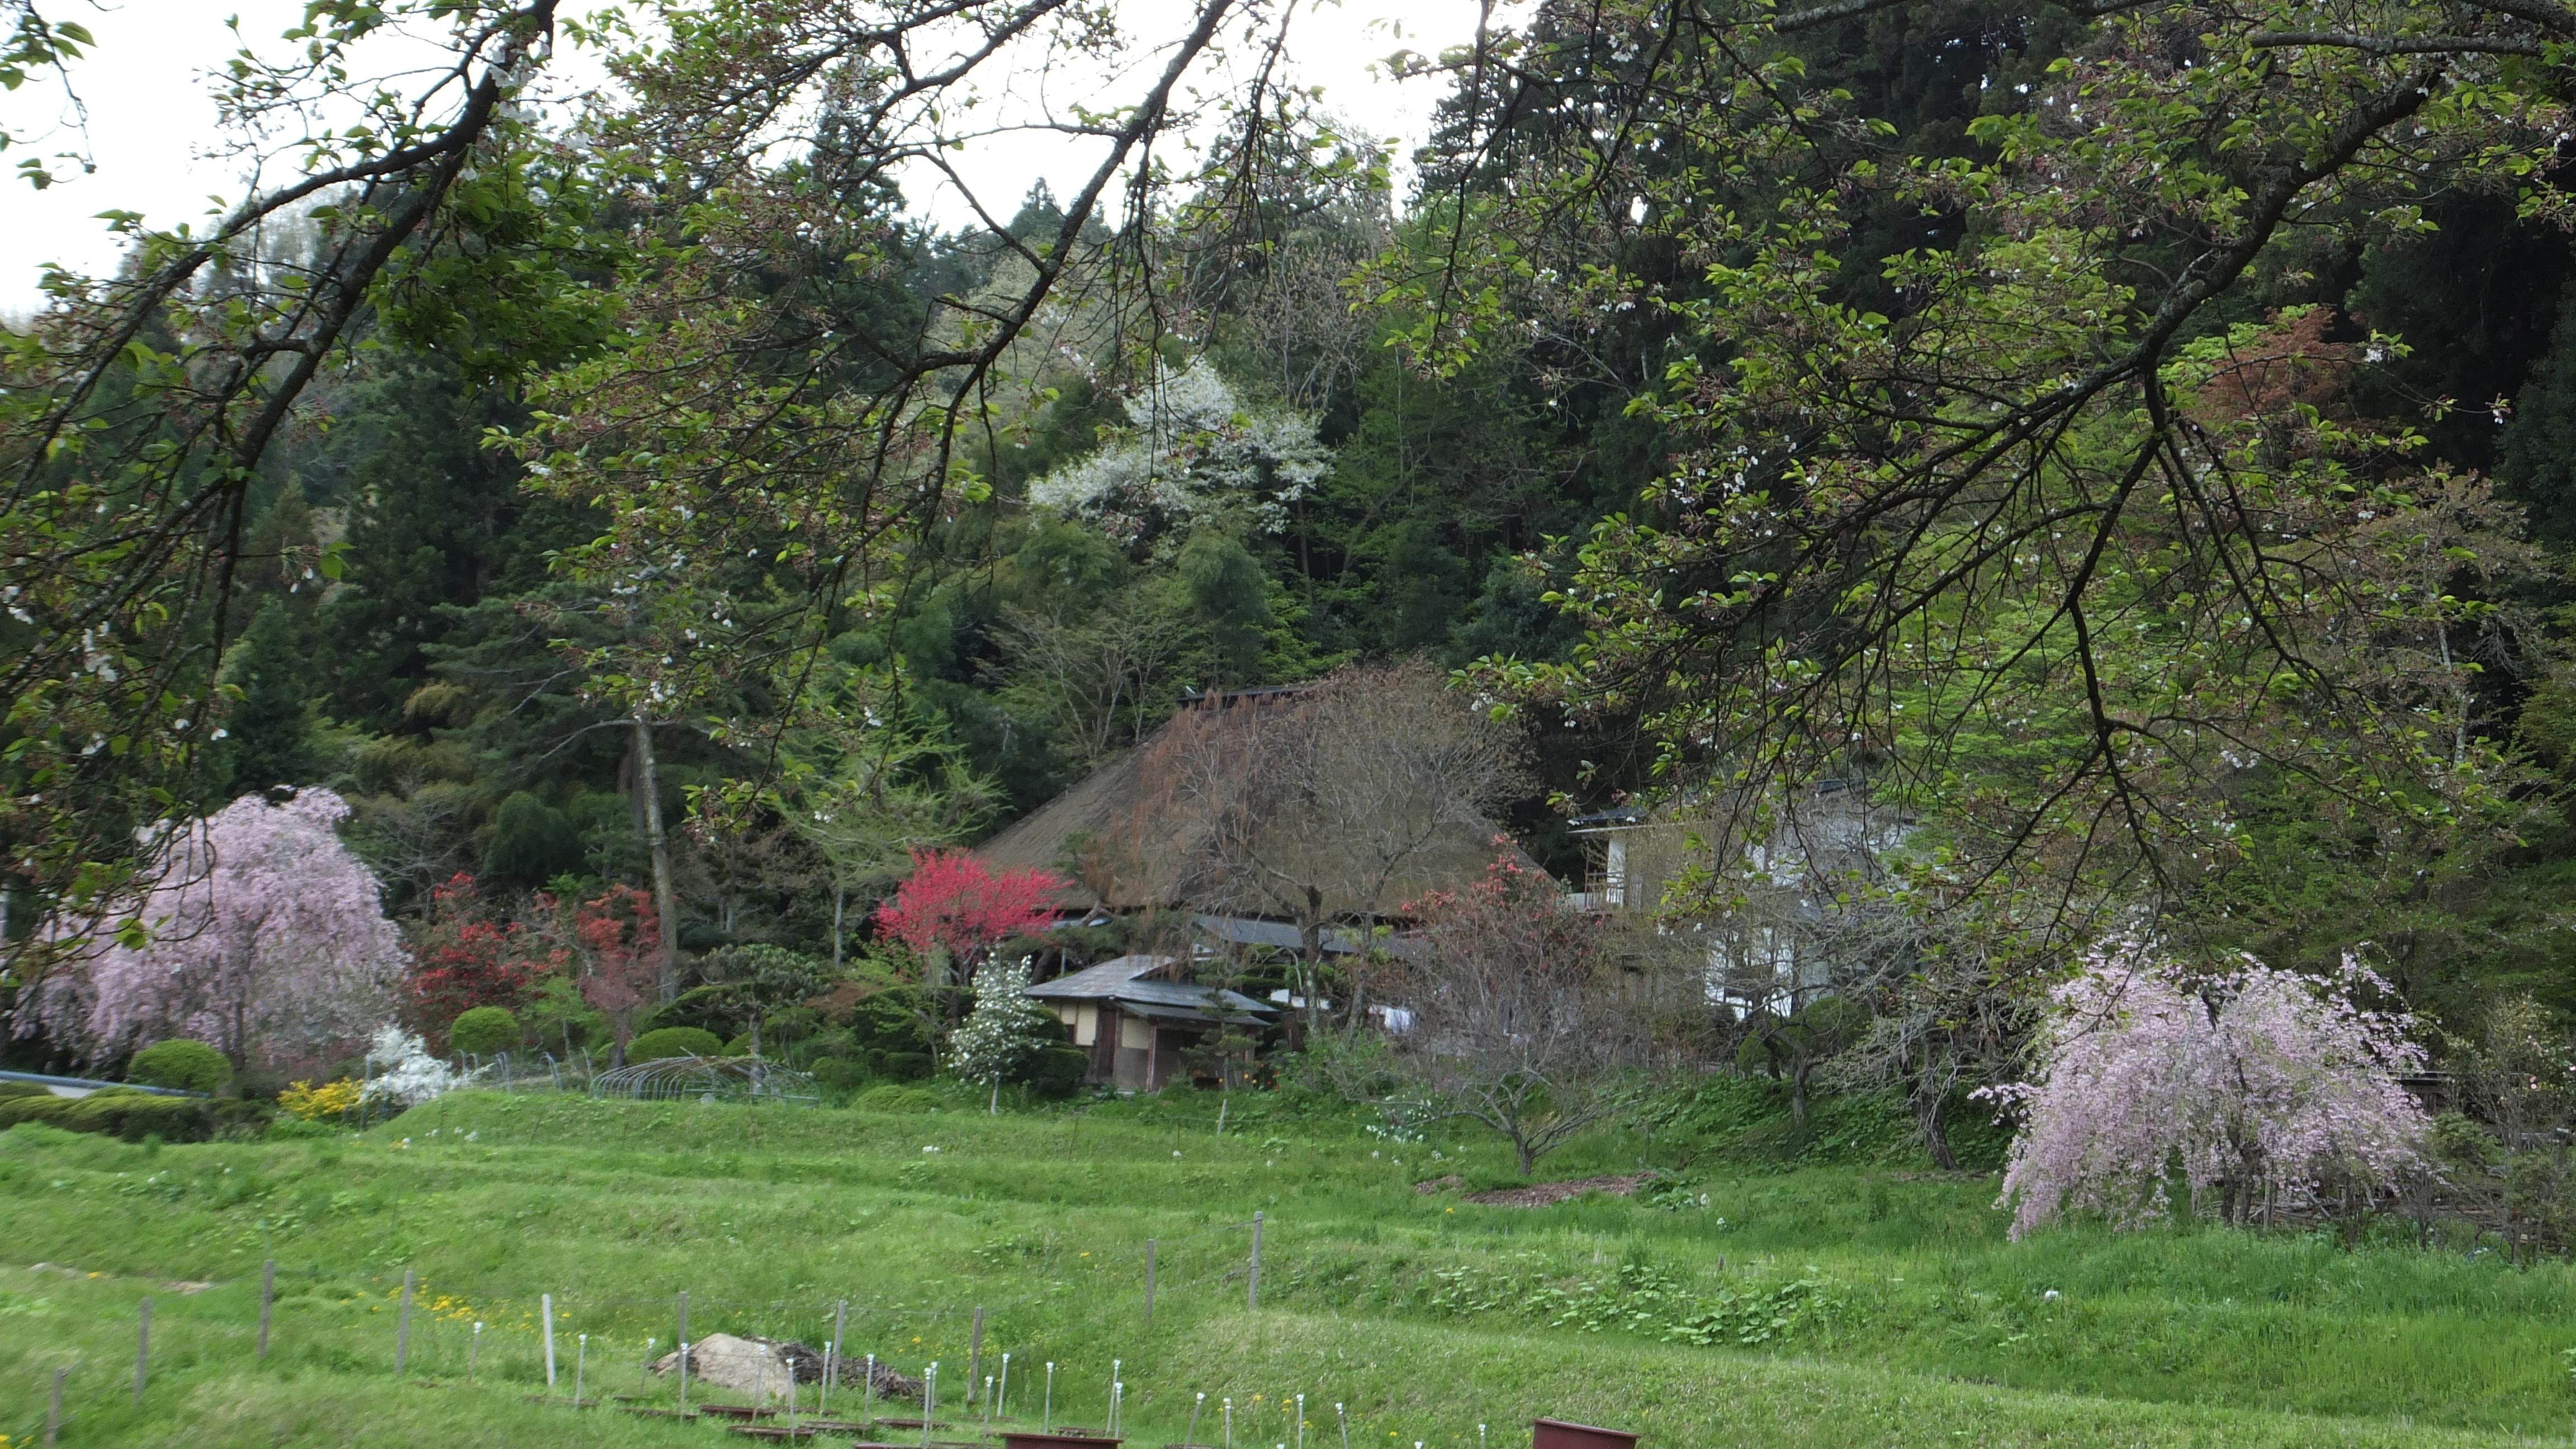 ワイド写真 岩手 里山の春 平泉 Wide Photo Spring In Village